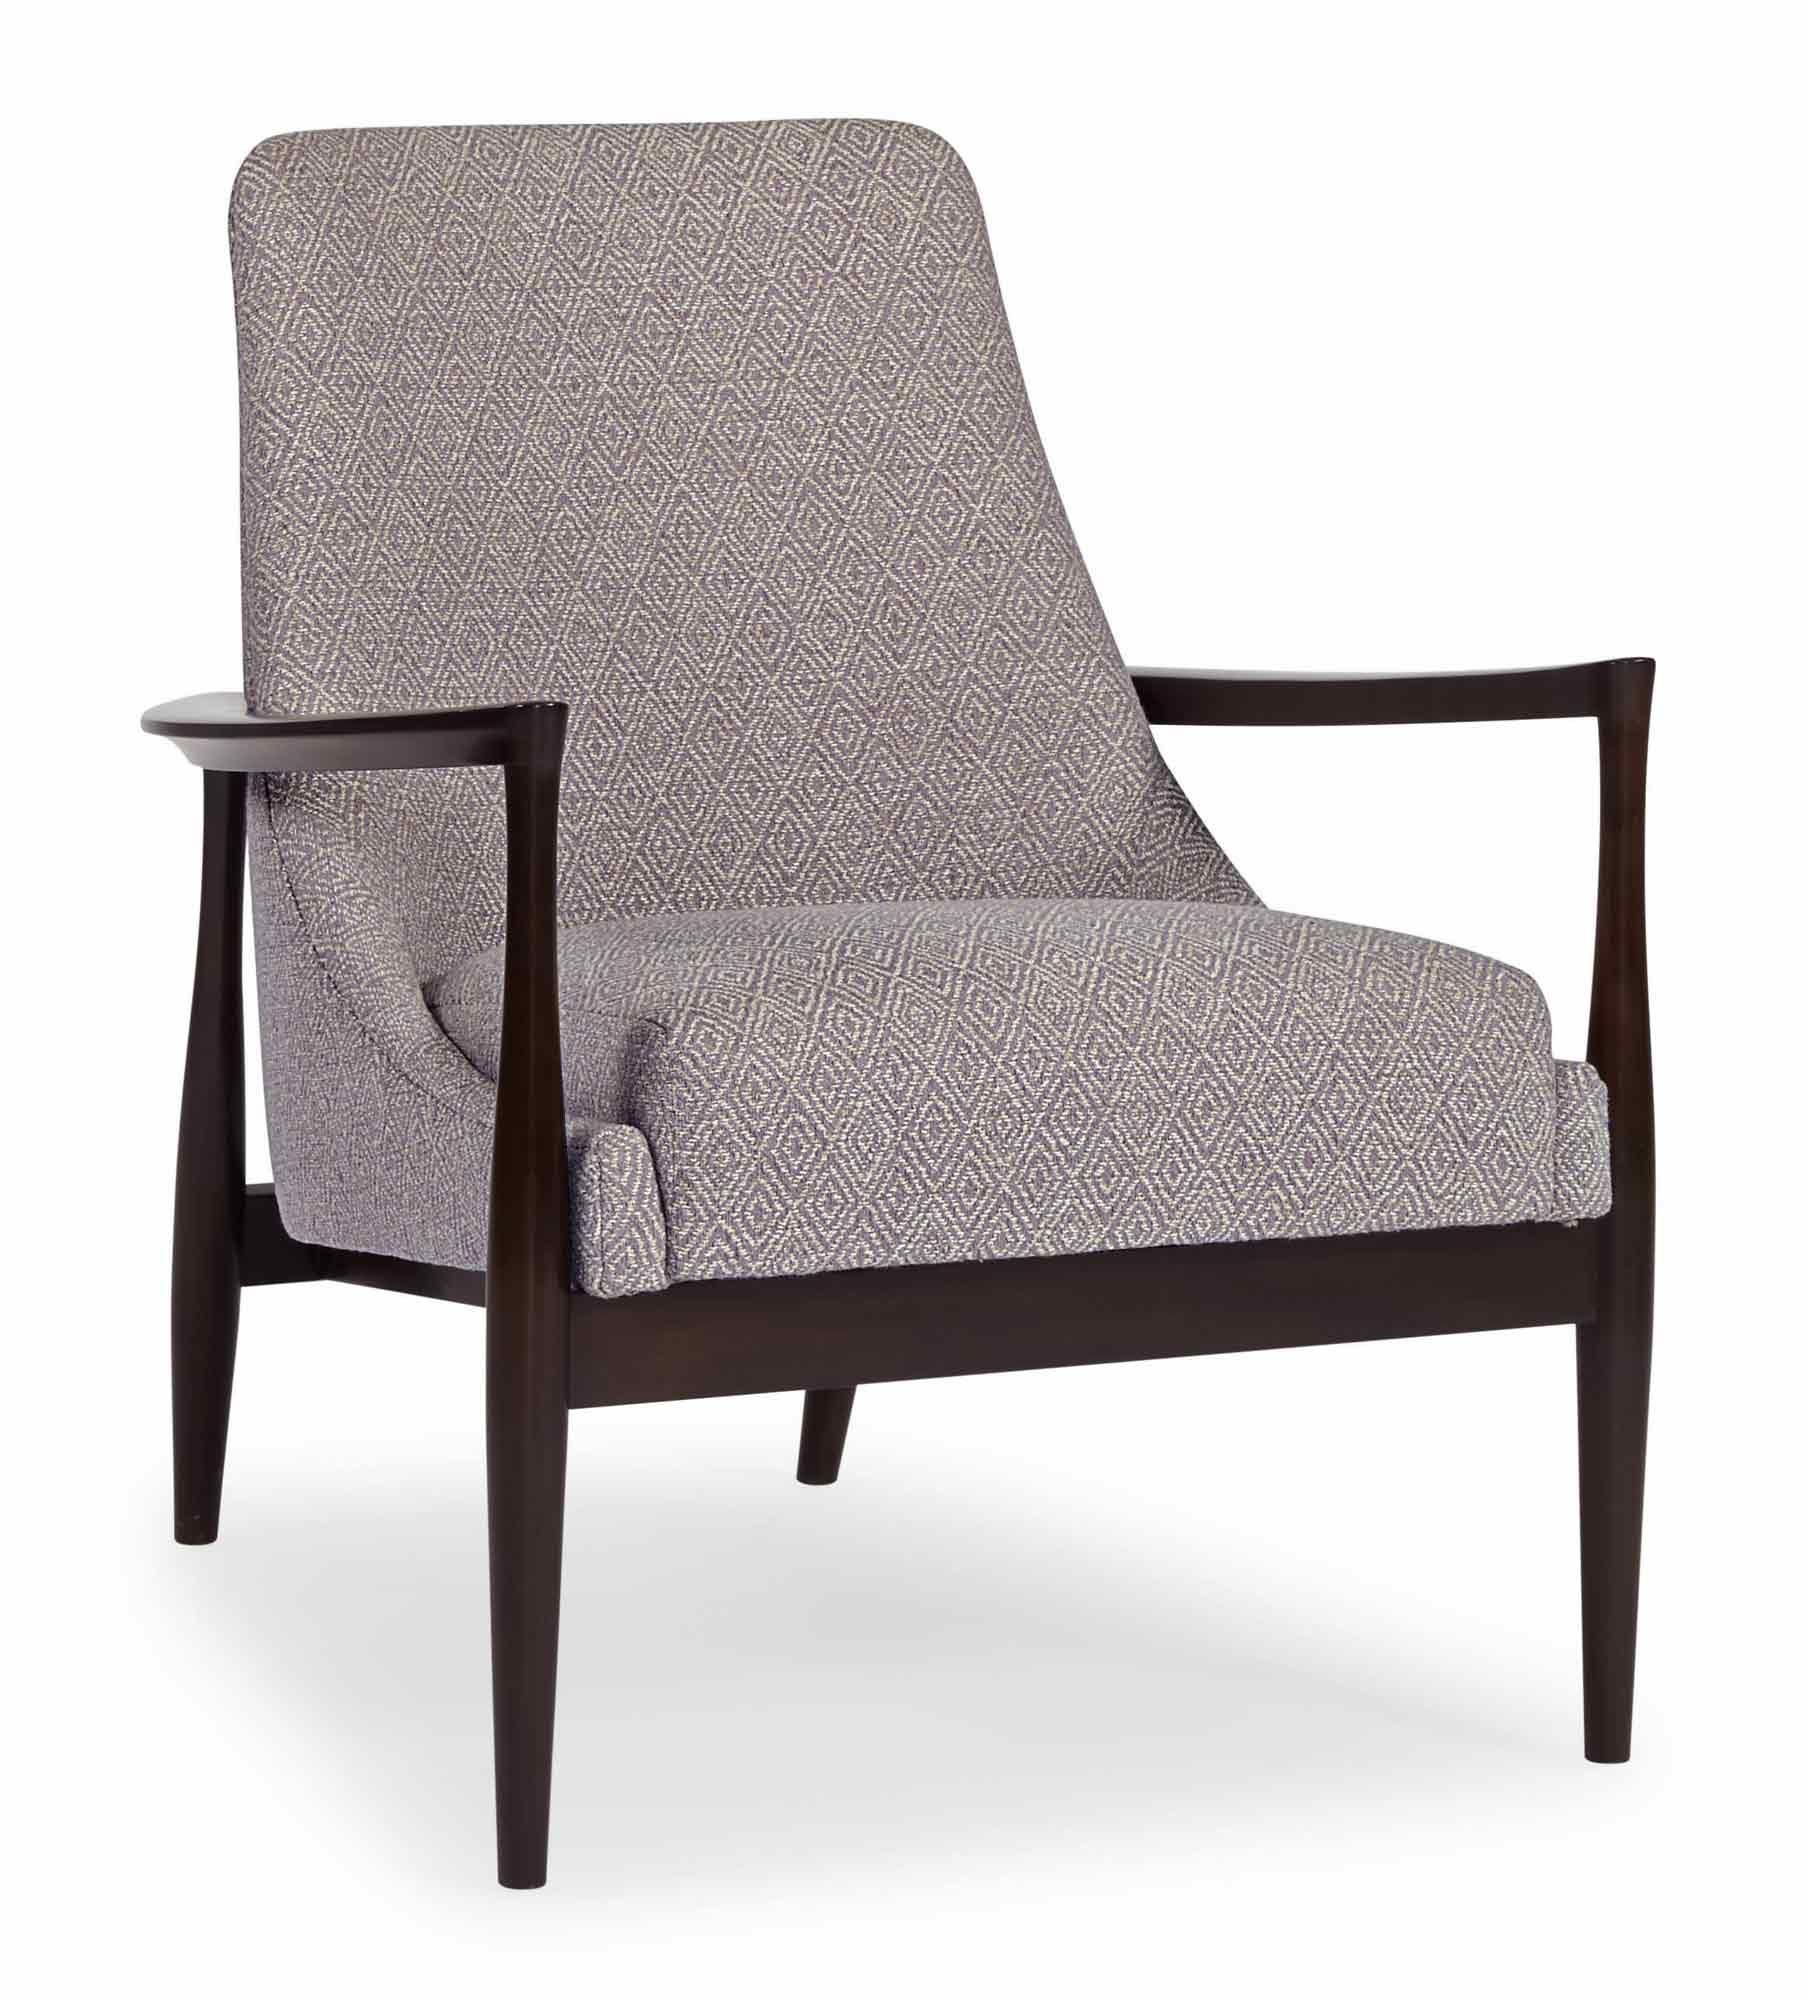 Bernhardt - Noland Chair (B3013)